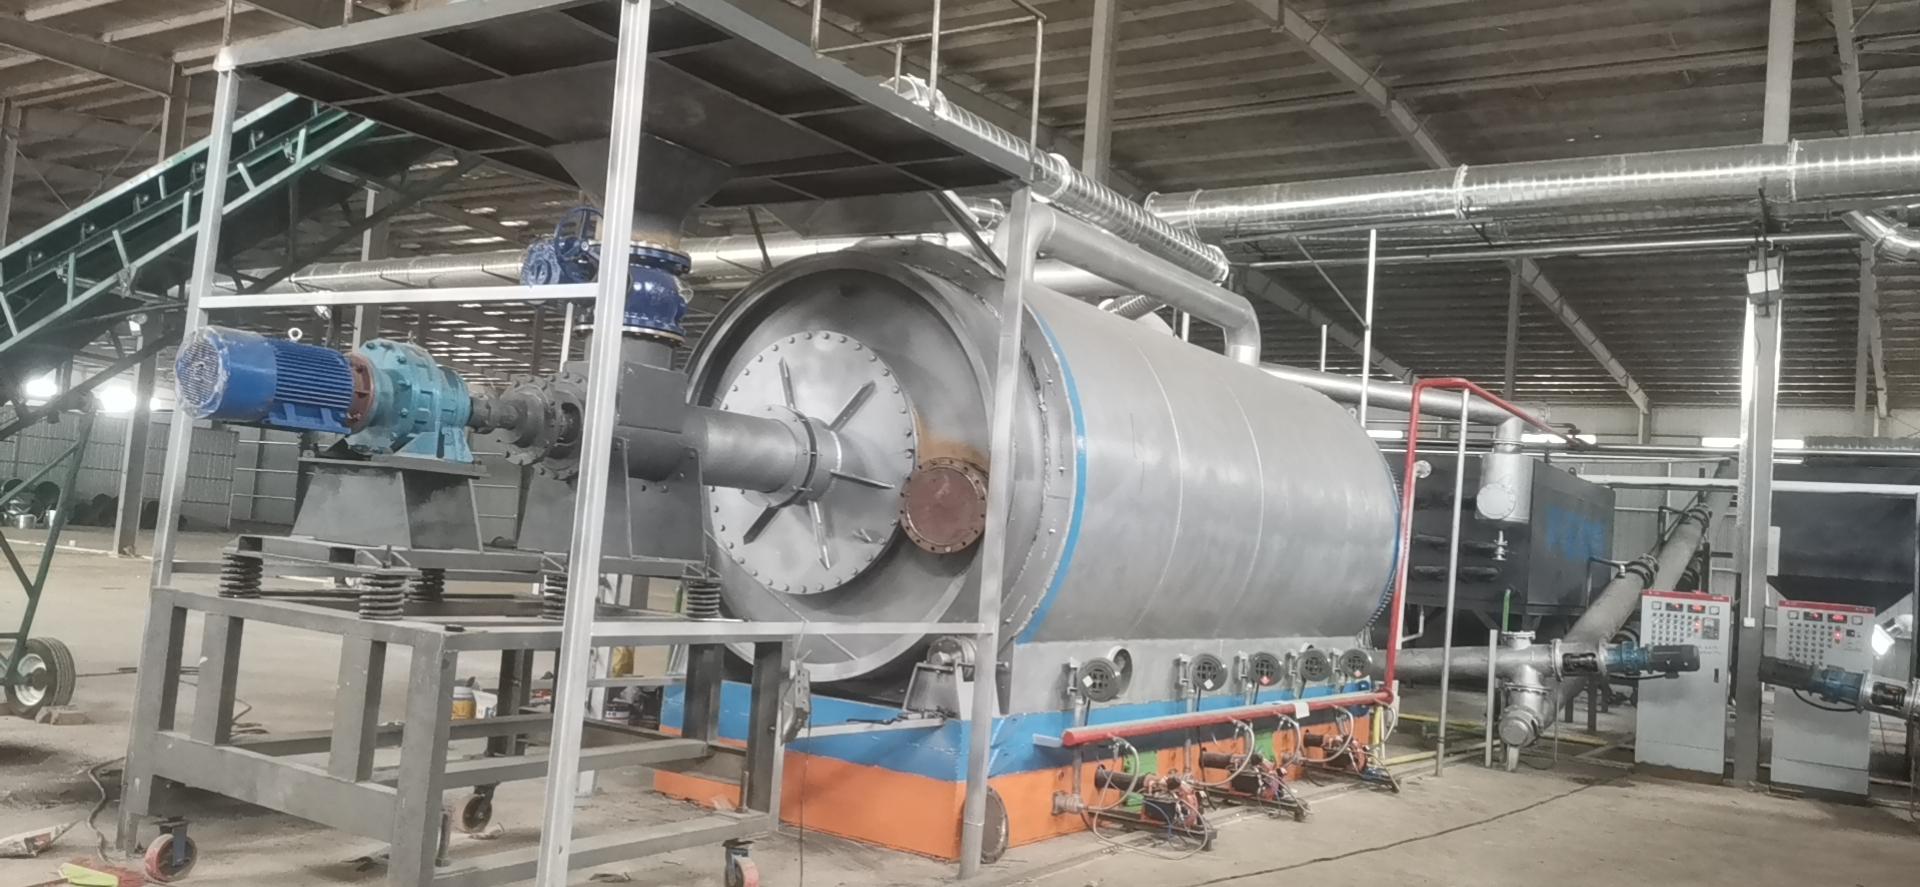 <b>日处理10吨轮胎炼油竞博jboapp</b>